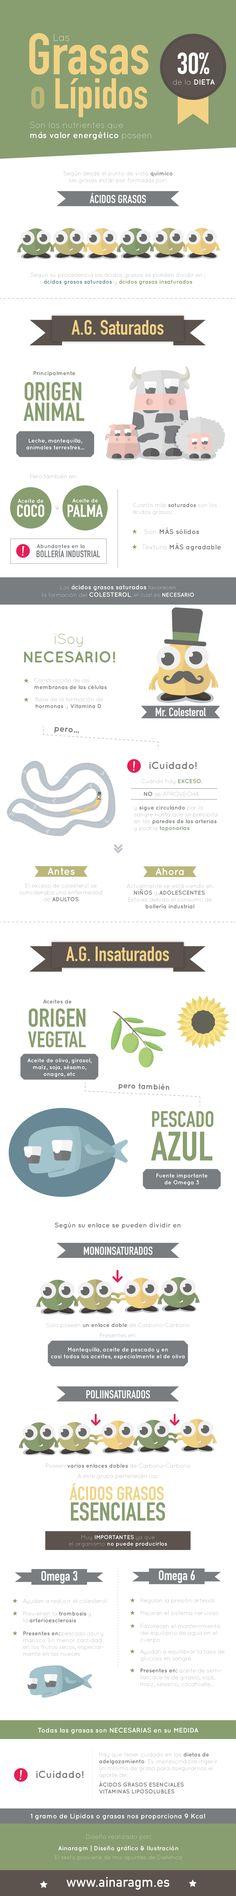 #Infografia sobre los #lipidos o #grasas #nutricion